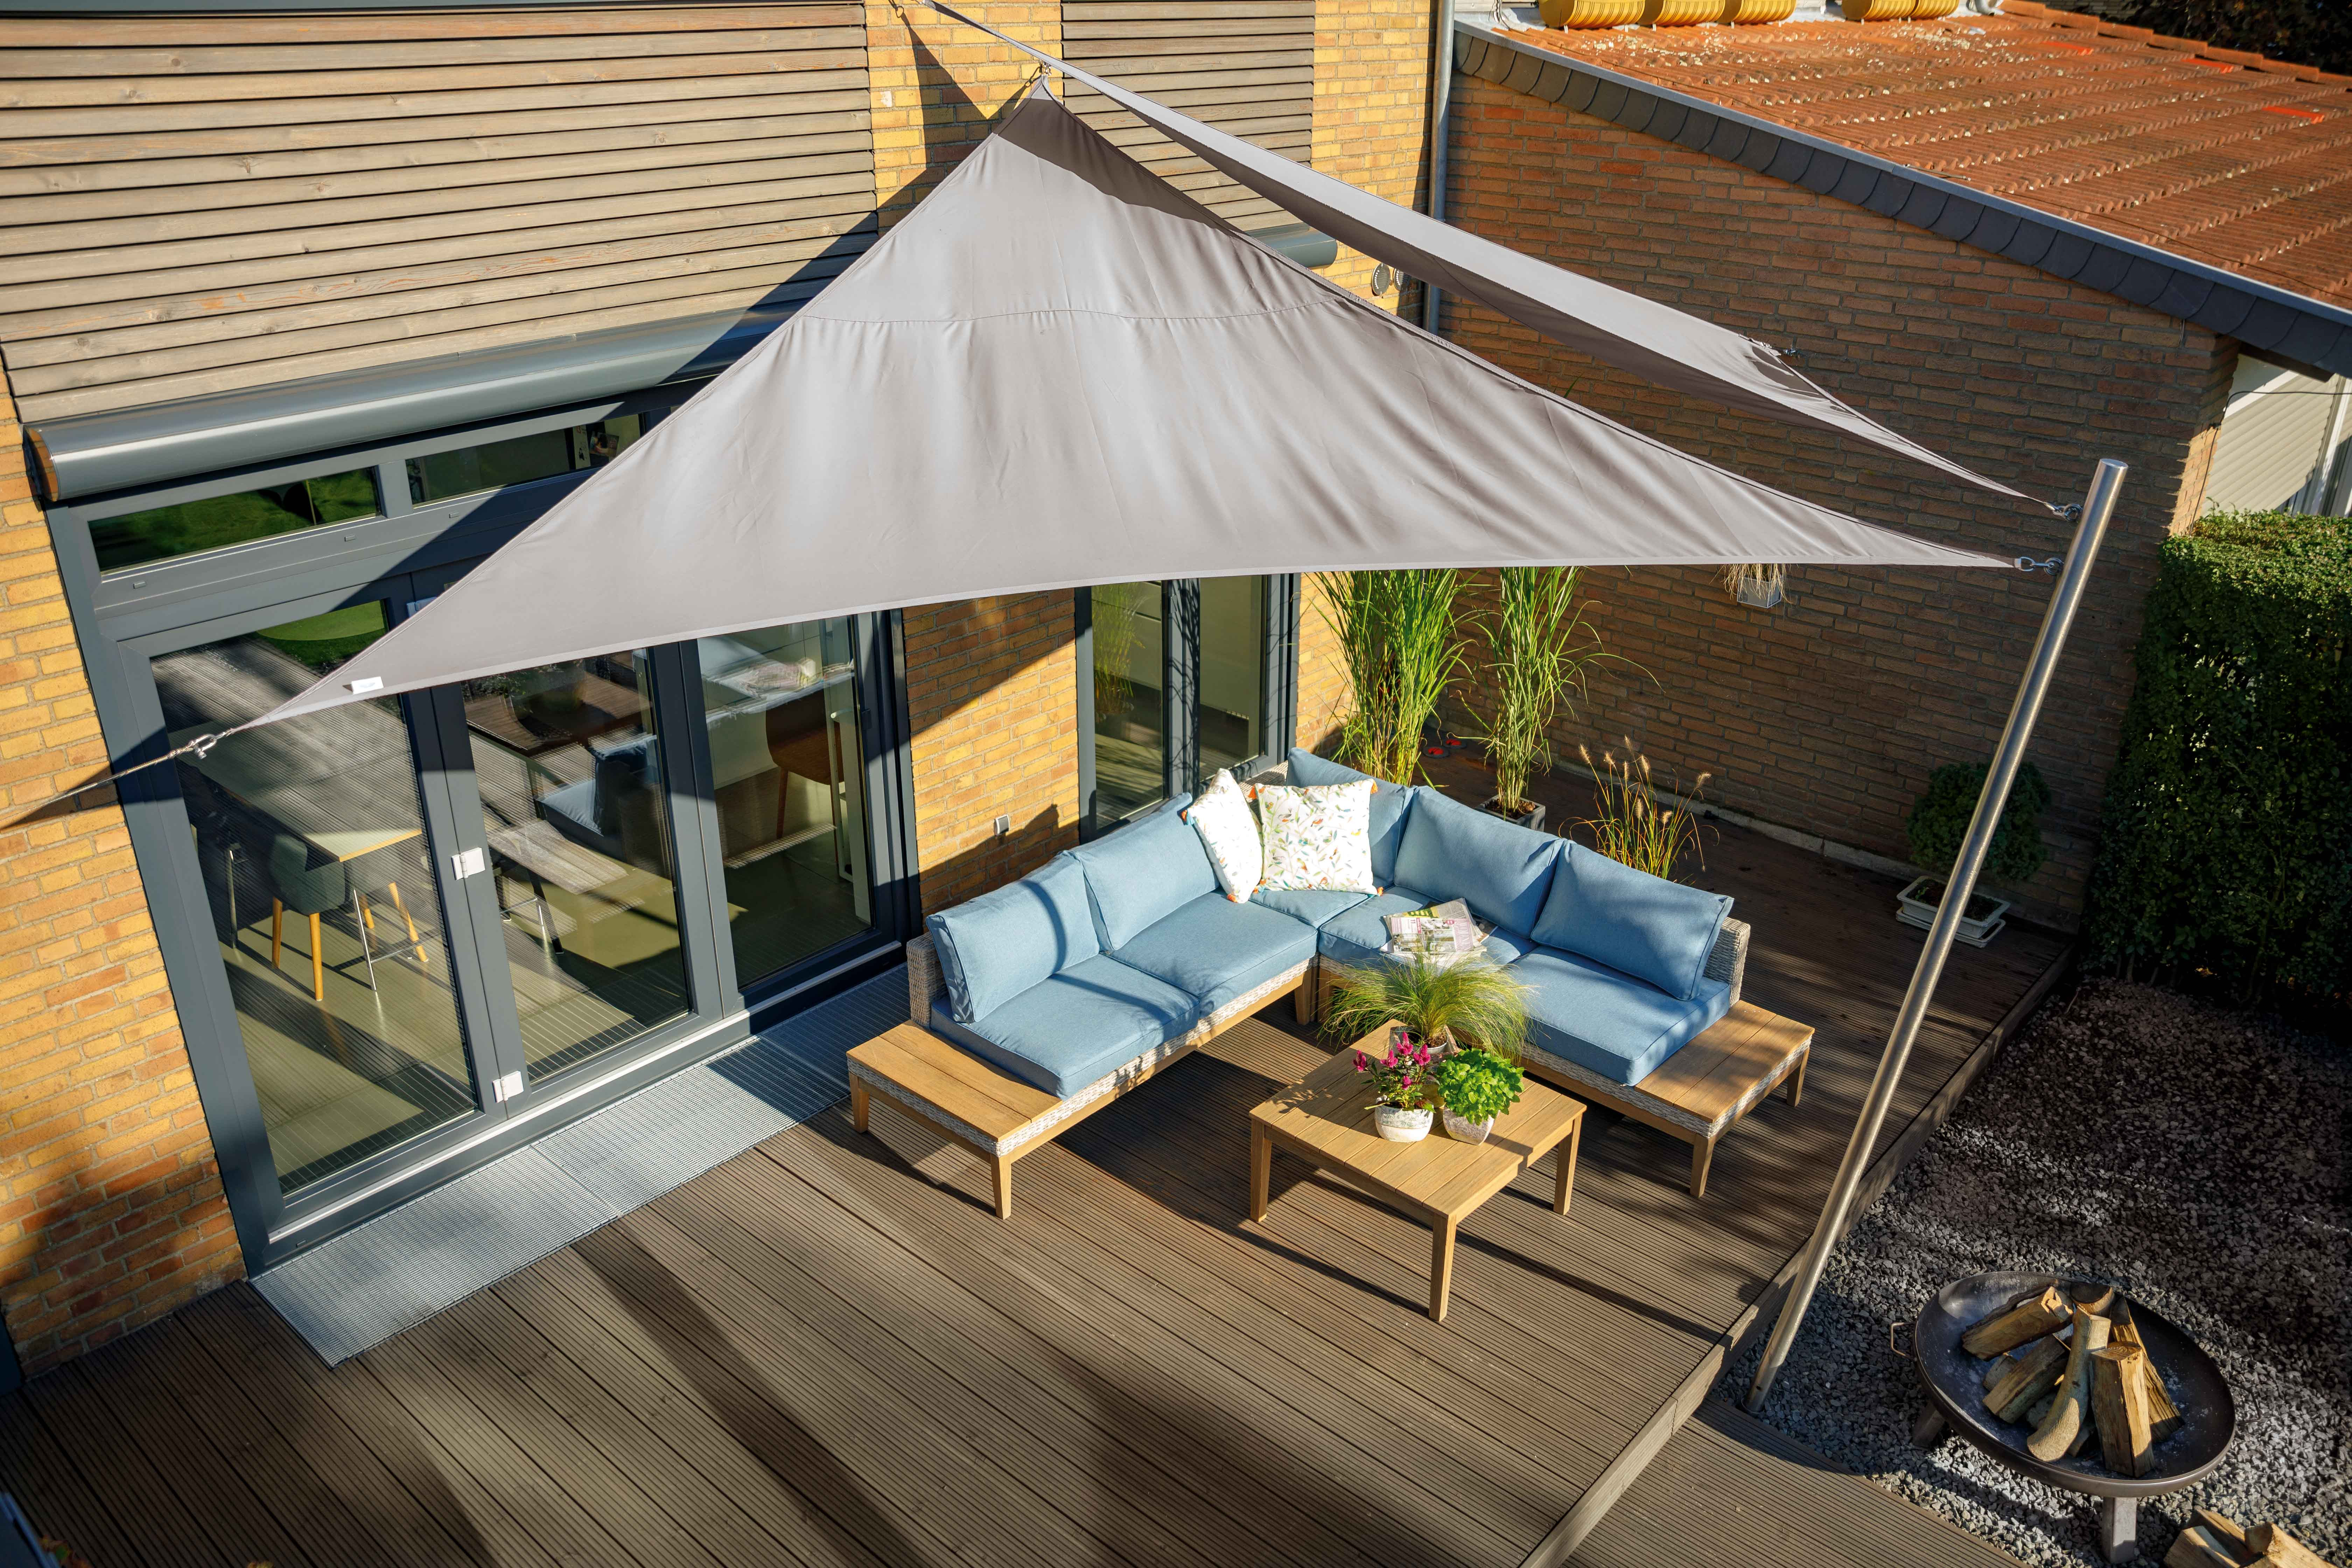 Sonnenschutz Für Terrasse  Sonnenschutz für Terrasse – Dach Markise Schirm und